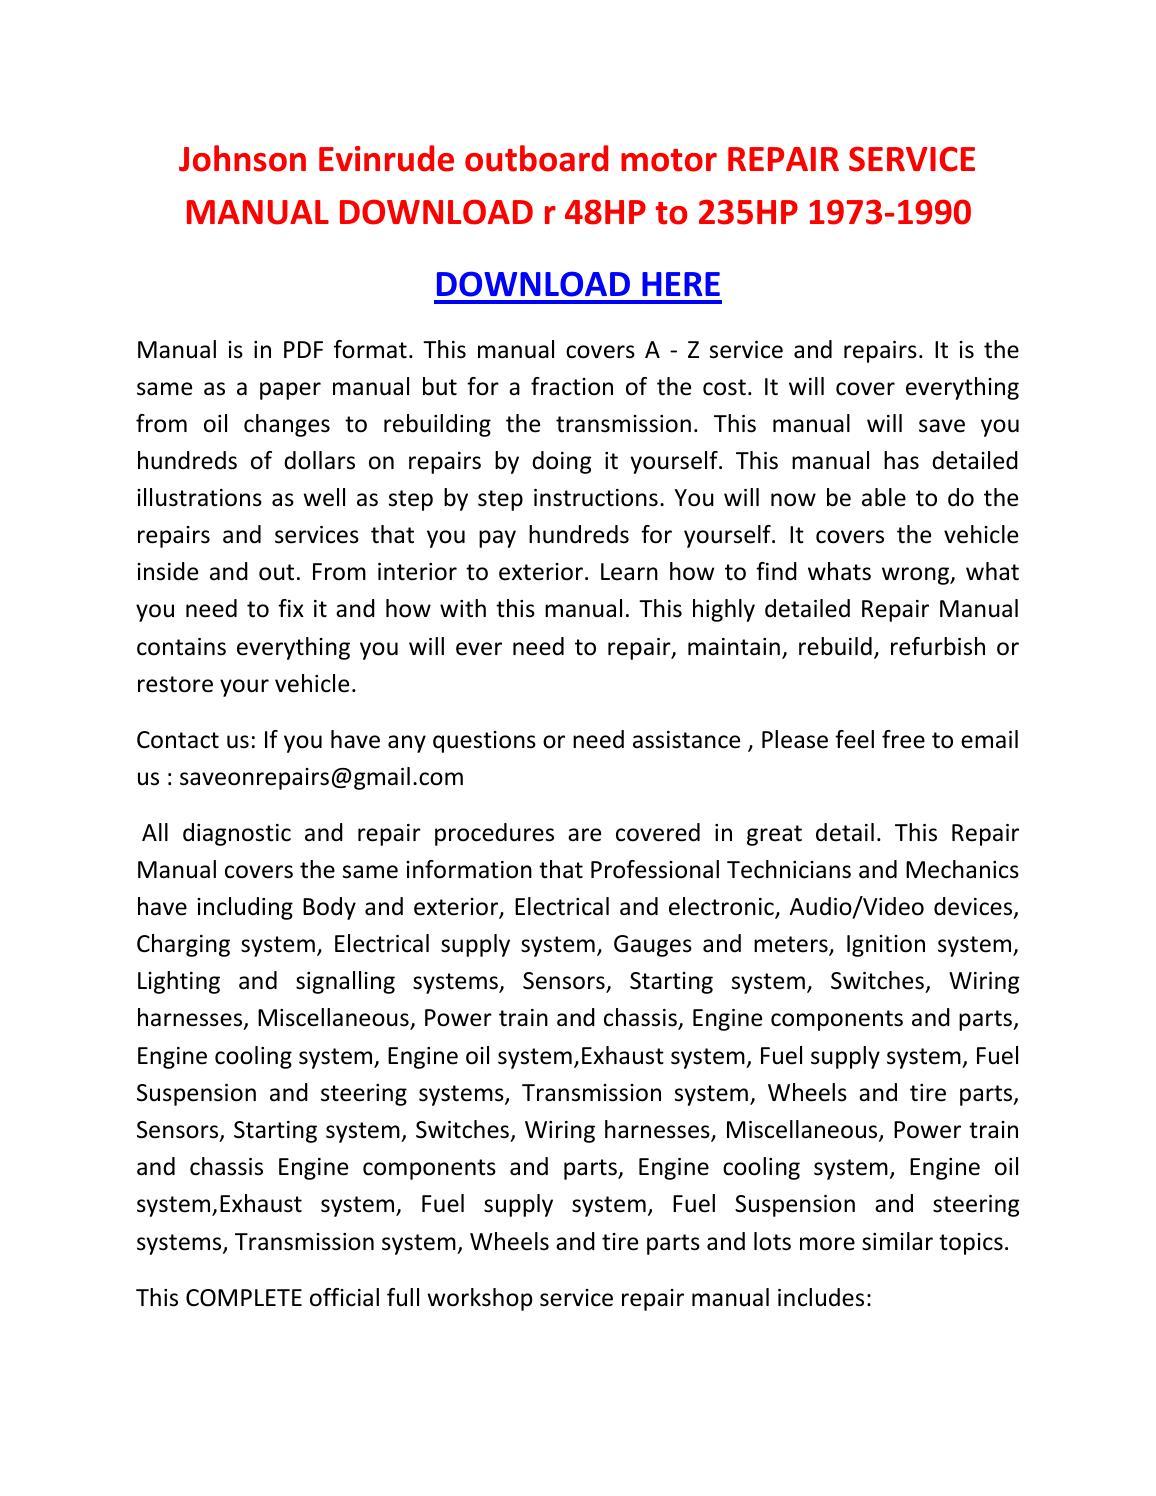 evinrude outboard repair manual free download